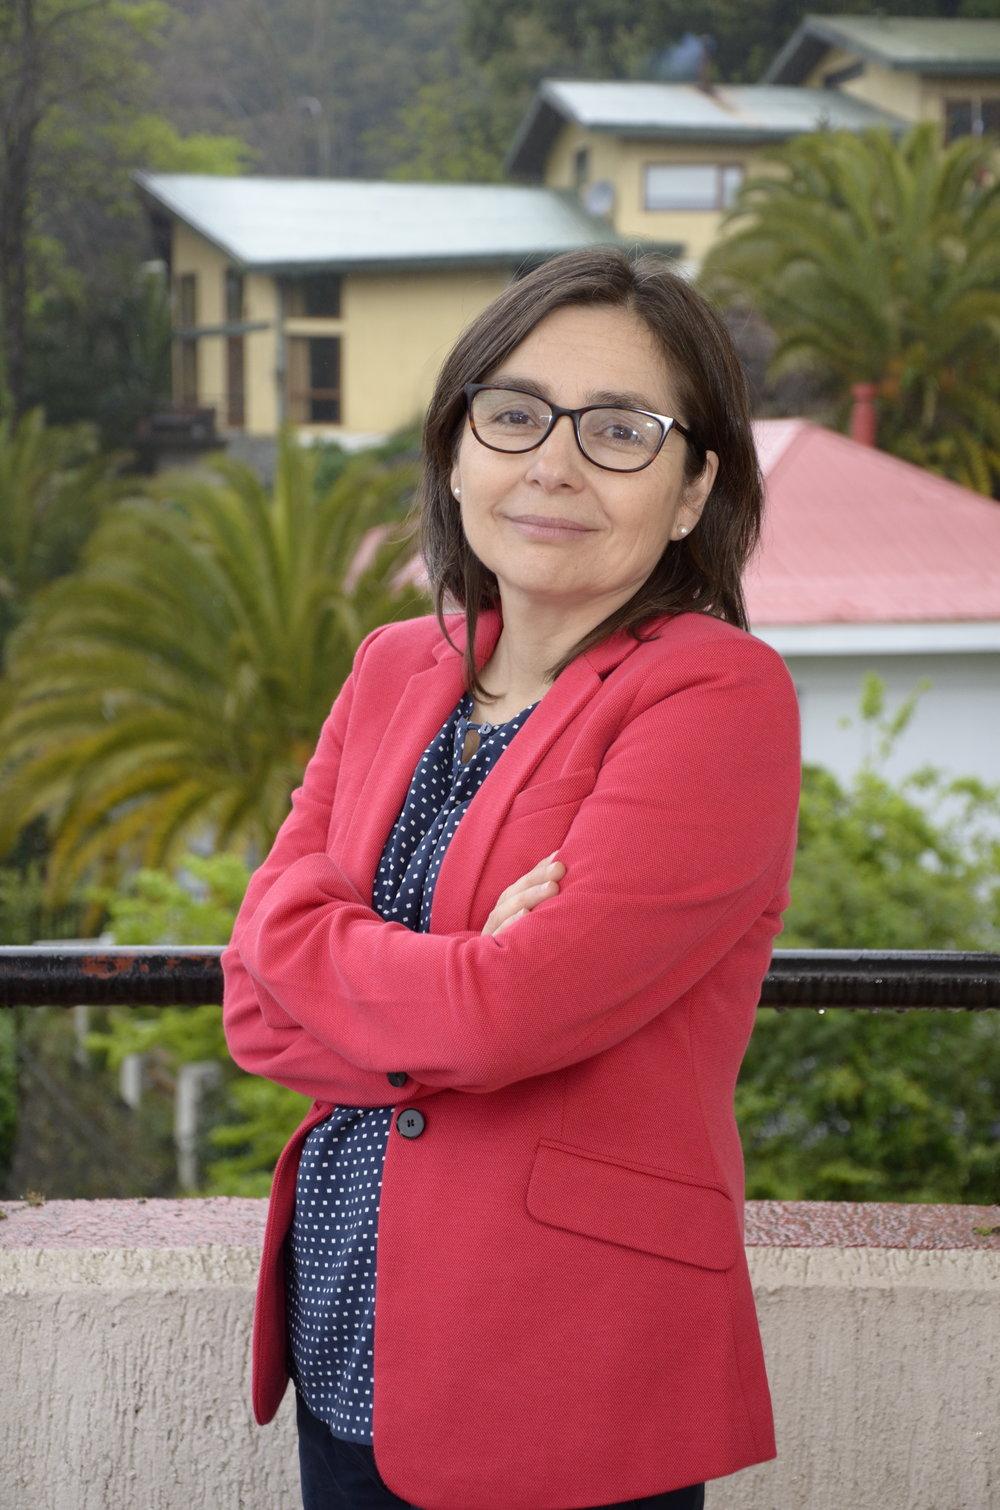 Dra. Andrea Rodríguez, Vicerrectora de Investigación y Desarrollo de la Universidad de Concepción